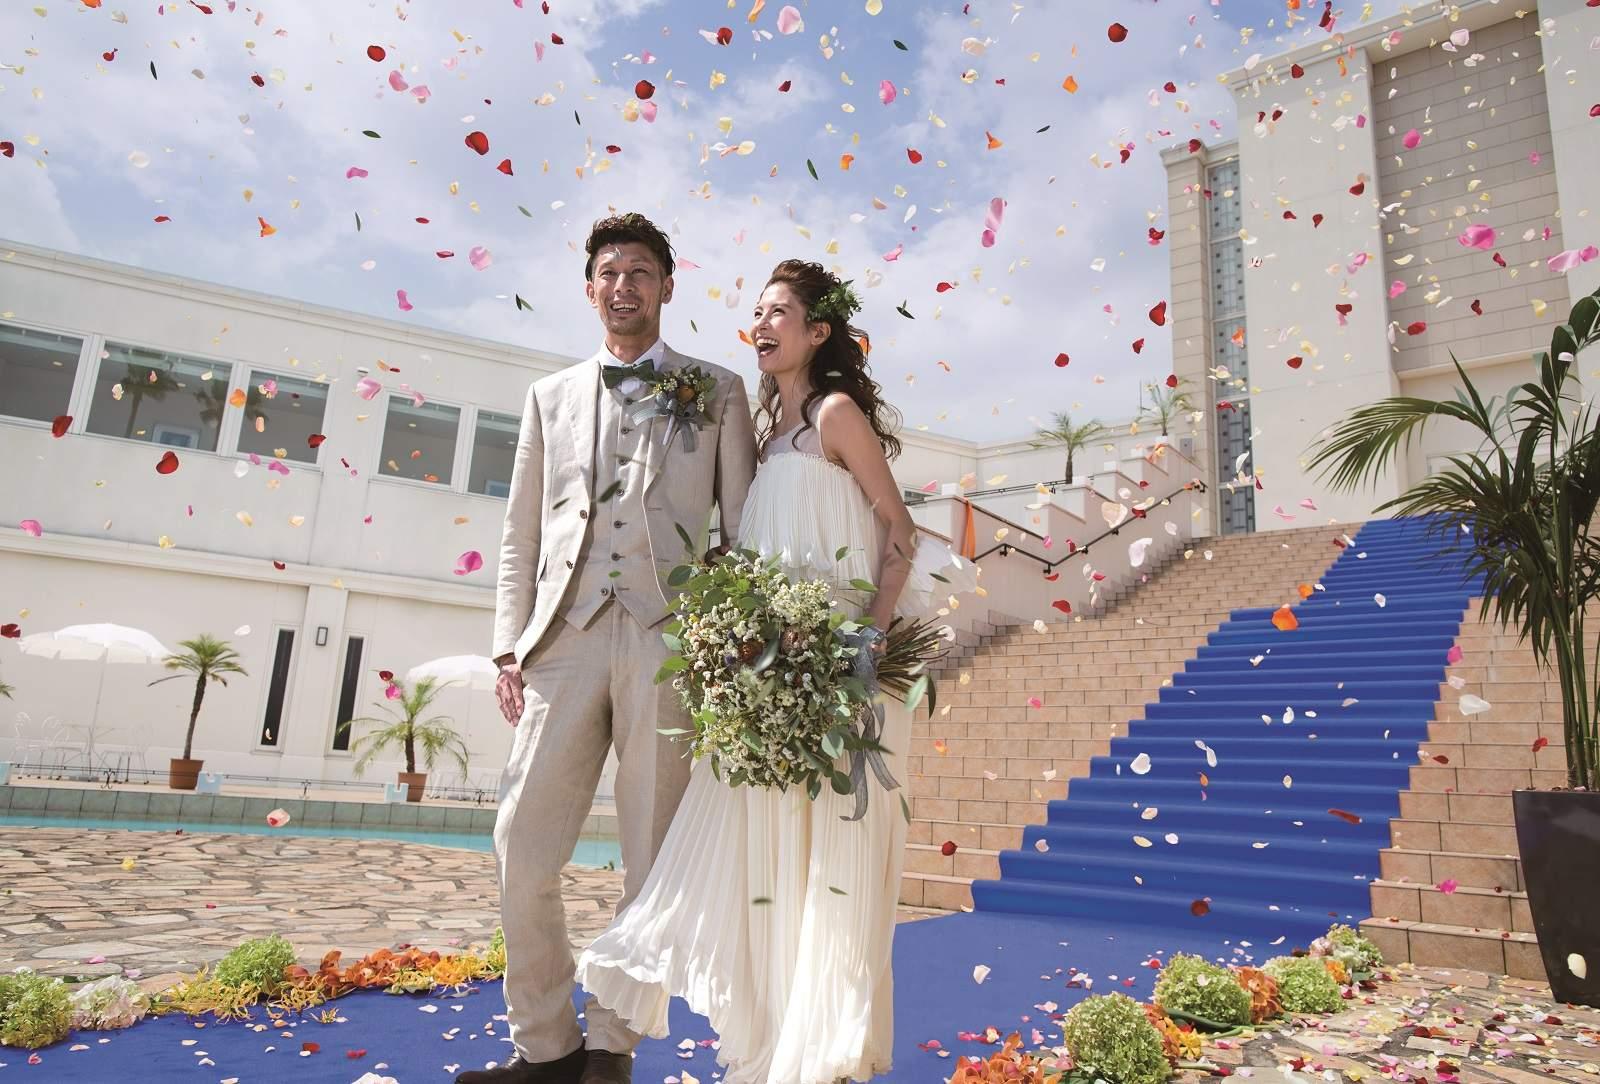 徳島の結婚式場ブランアンジュの大階段